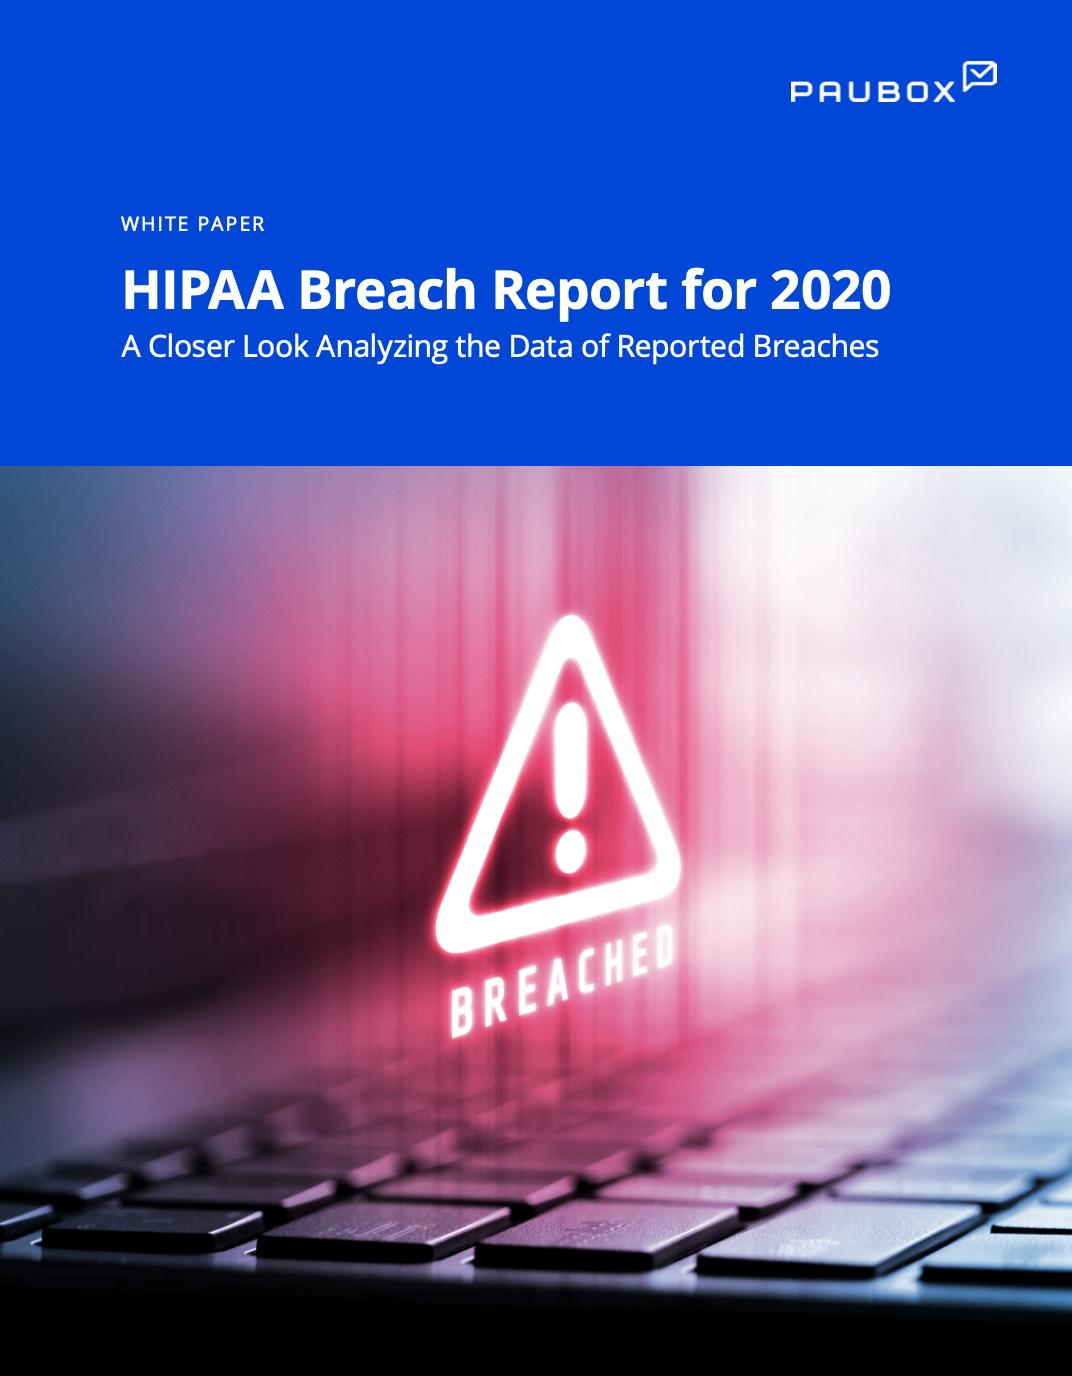 hipaa breach report 2020